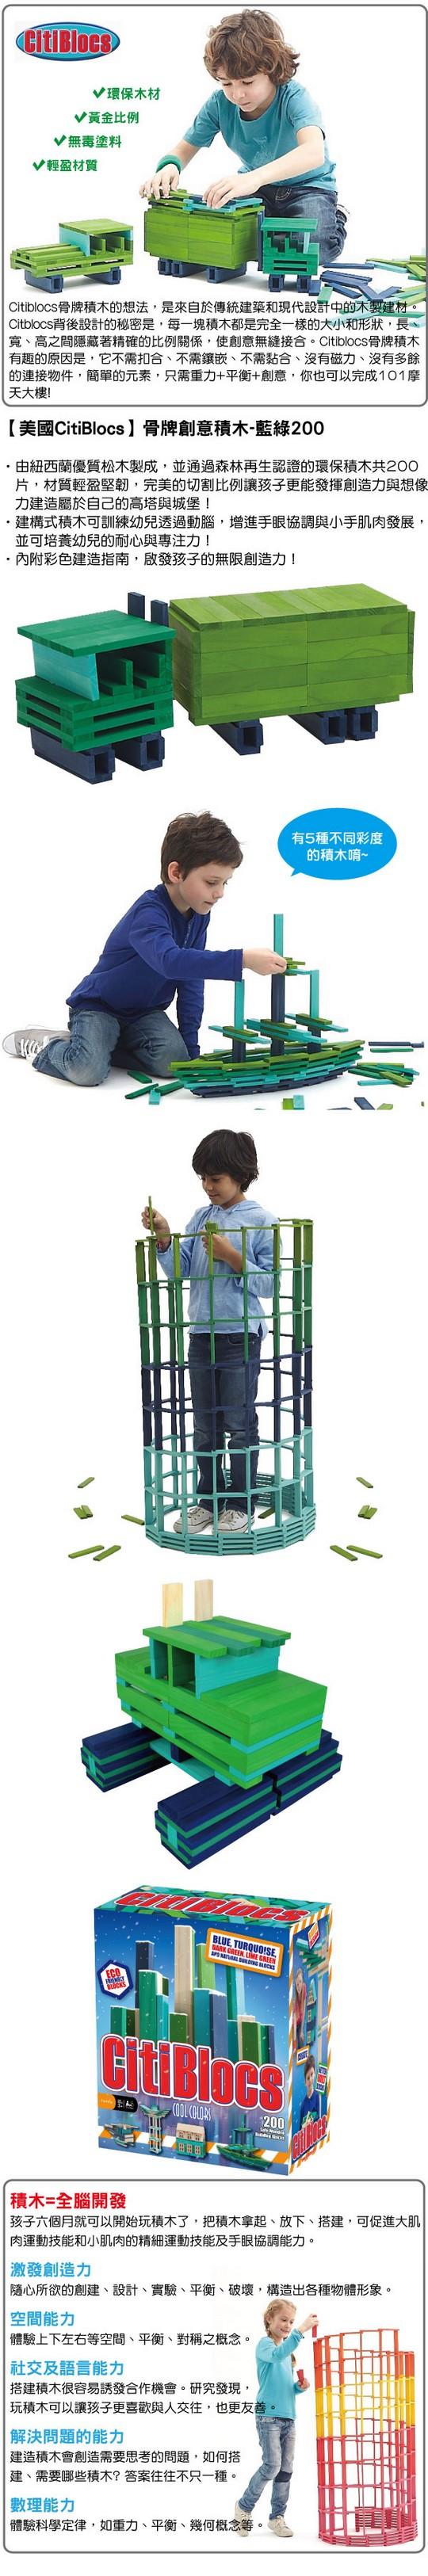 【美國CITIBLOCS】骨牌創意積木-藍綠200